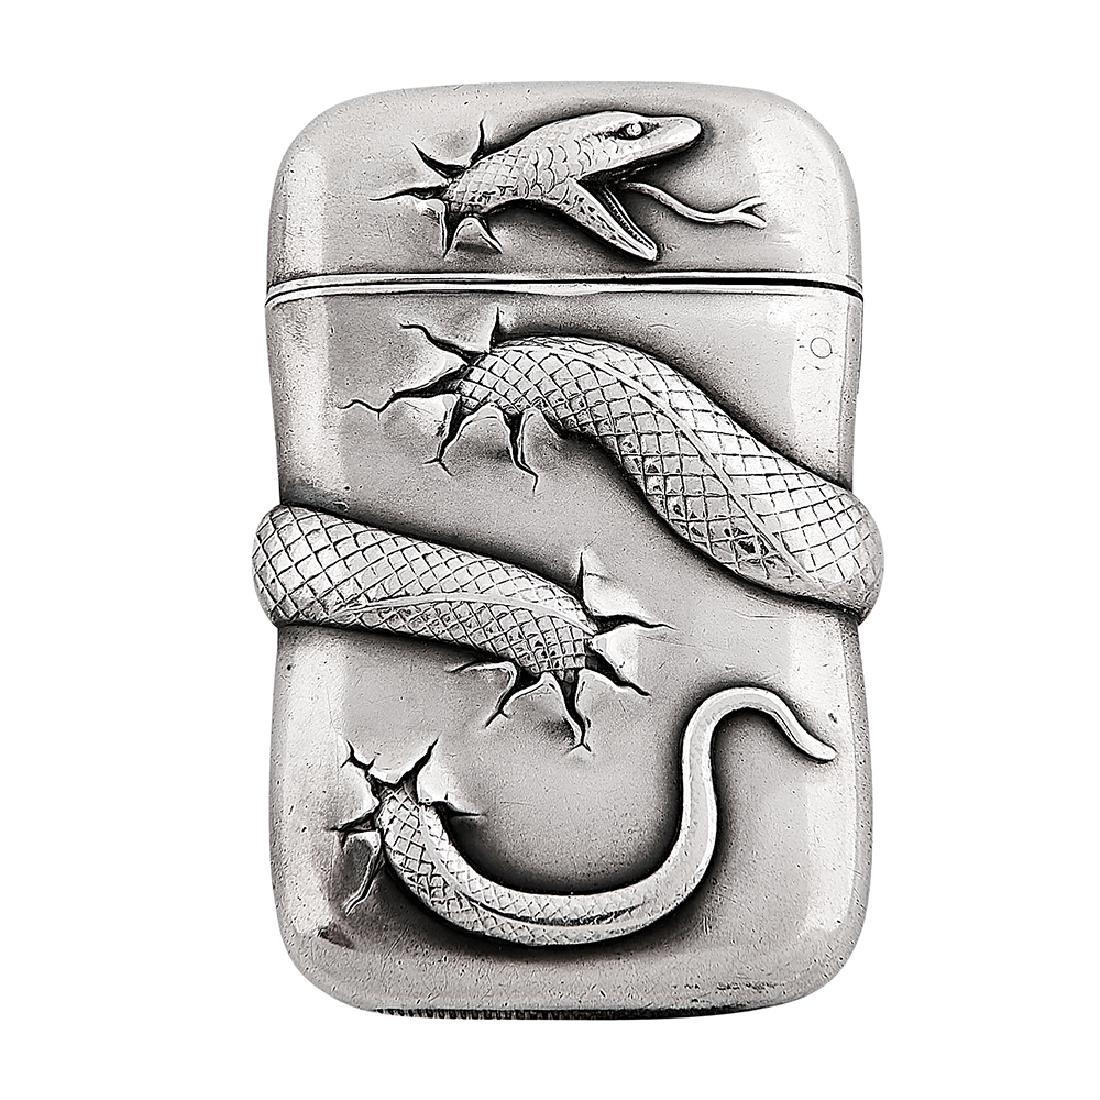 Maker Unknown Snake match safe